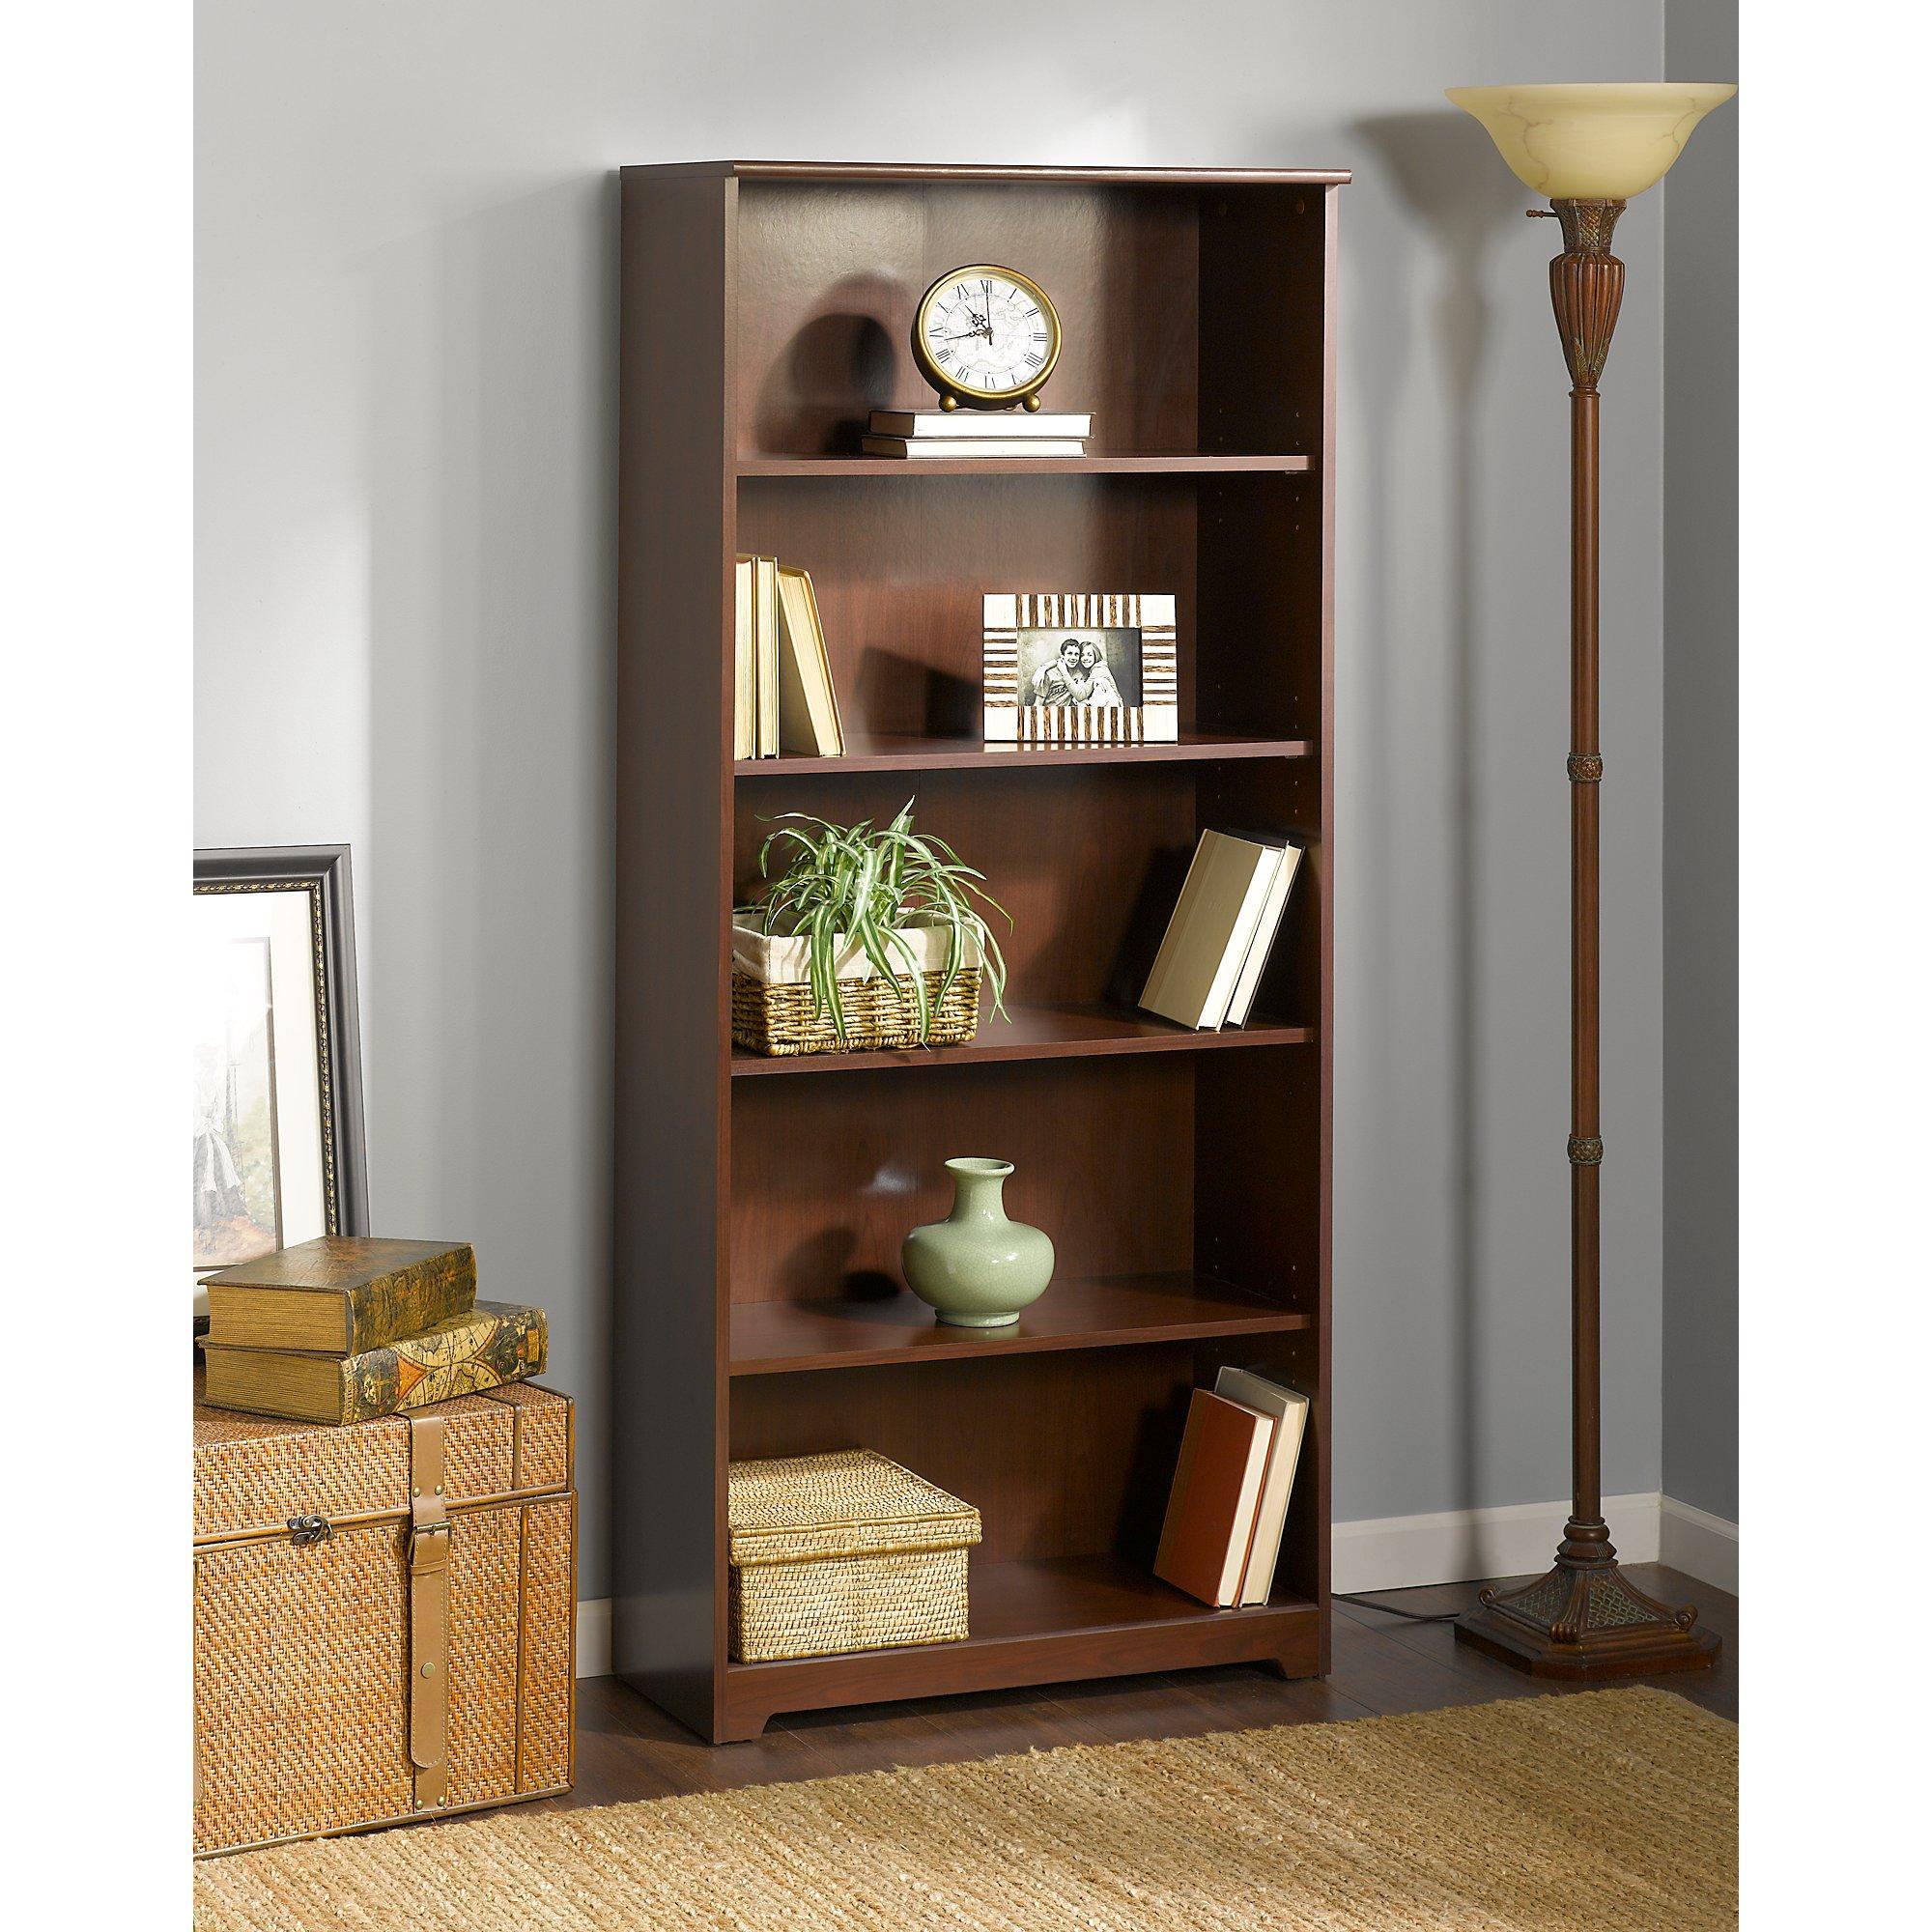 cabot 5 shelf bookcase kitchen dining. Black Bedroom Furniture Sets. Home Design Ideas